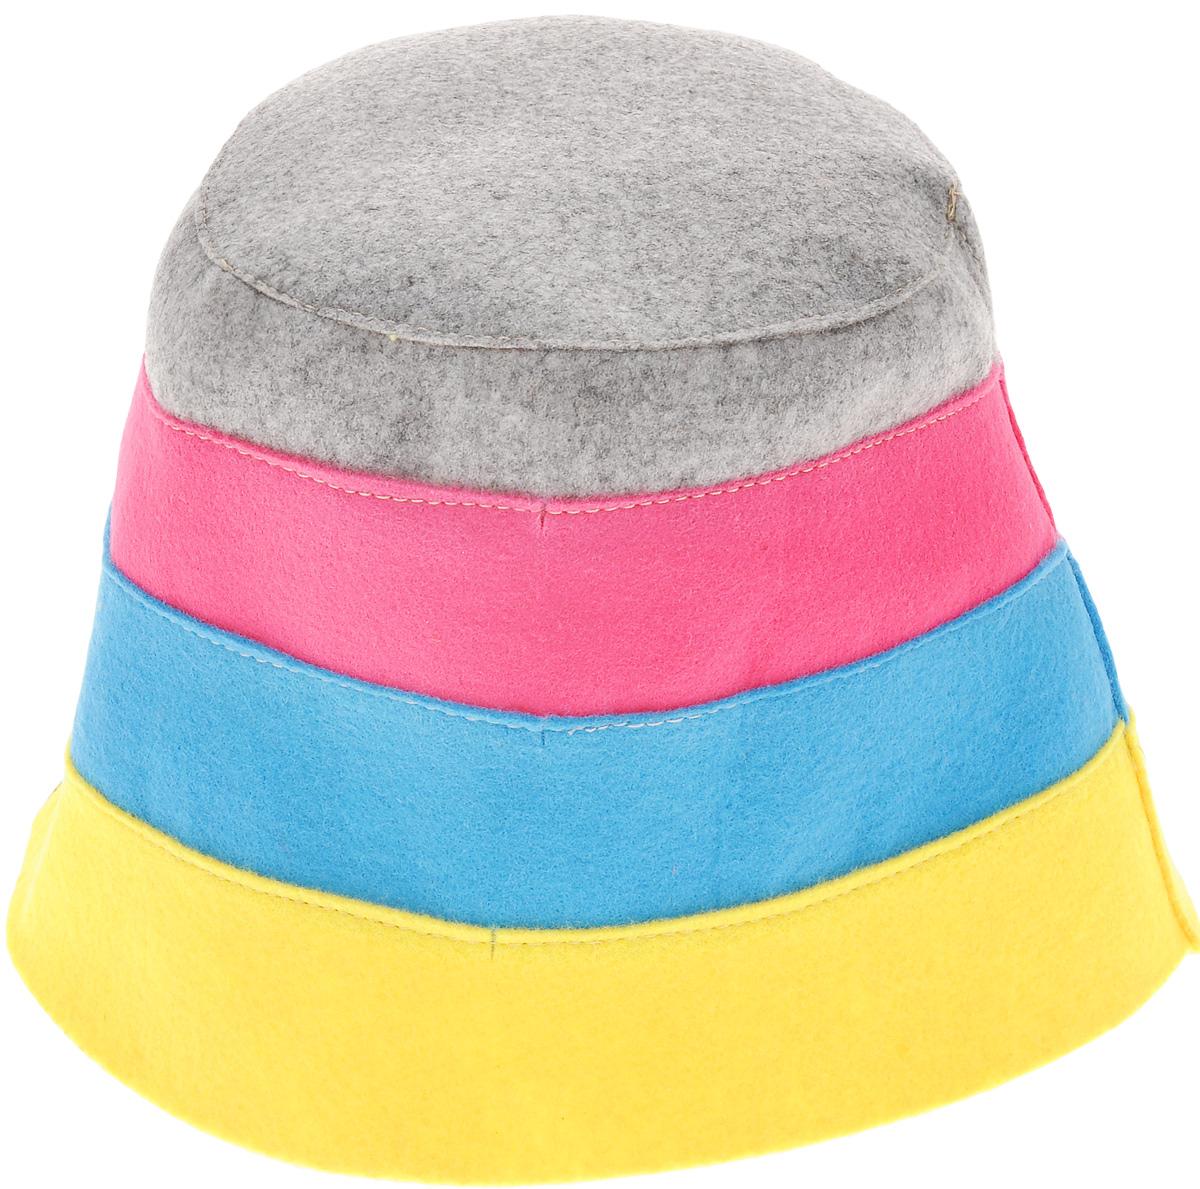 Шапка для бани и сауны Доктор баня В полоску, цвет: желтый, голубой, розовый905254_желтый, голубой, розовыйШапка для бани и сауны Доктор баня В полоску, выполненная из 100% полиэстера, является оригинальным и незаменимым аксессуаром для любителей попариться в русской бане и для тех, кто предпочитает сухой жар финской бани. Необычный дизайн изделия поможет сделать ваш отдых более приятным и разнообразным. При правильном уходе шапка прослужит долгое время - достаточно просушивать ее. Обхват головы: 60 см.